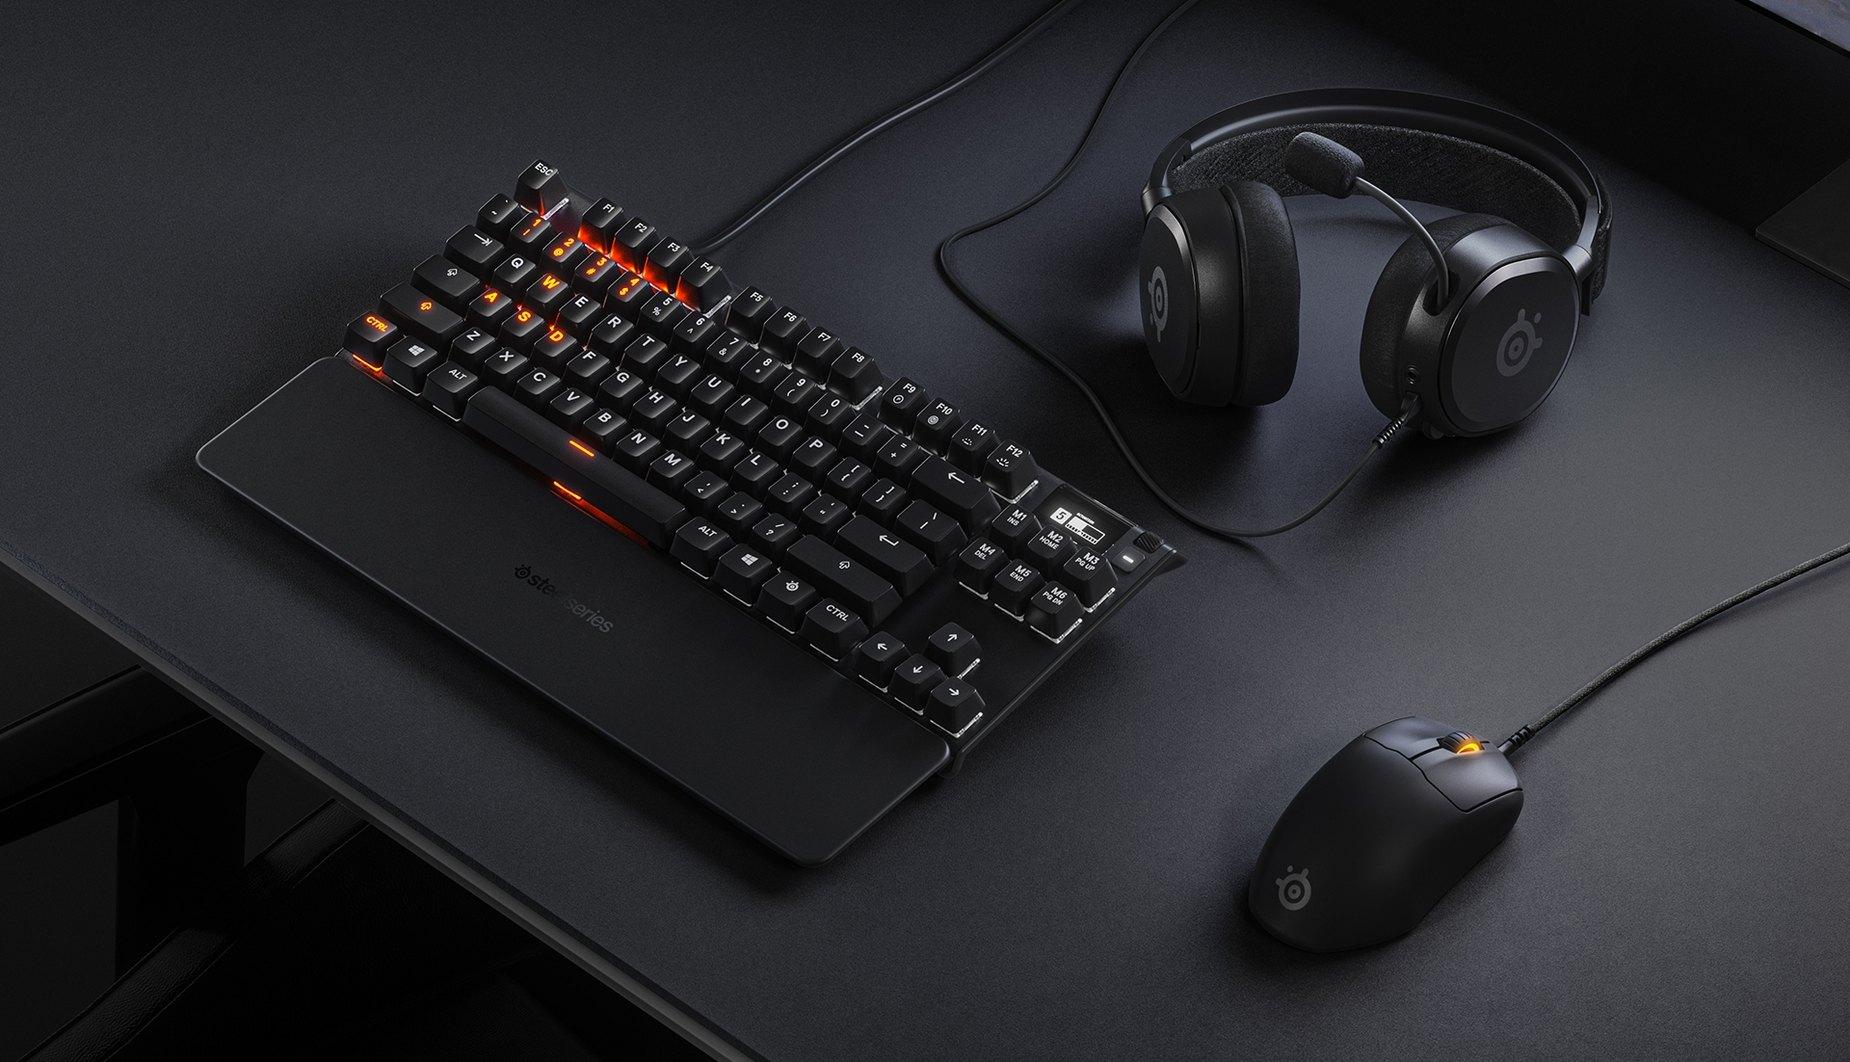 時尚的桌上型電腦配備,搭配 Prime 鍵盤、滑鼠與耳機。